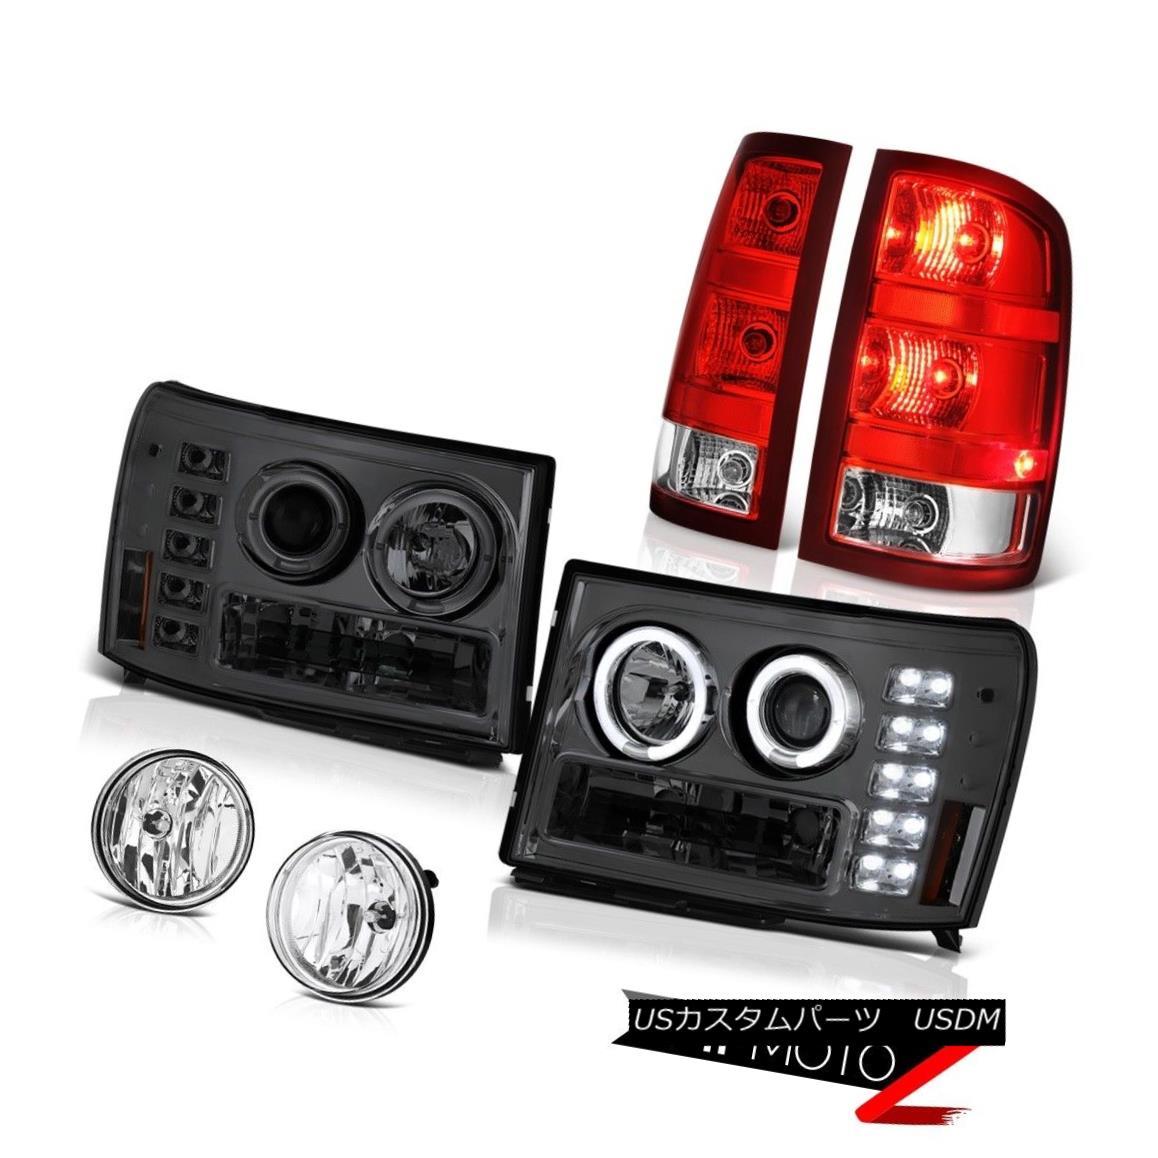 テールライト 08-14 GMC Sierra 2500 WT Crystal Clear Foglamps Taillamps Headlamps LED Assembly 08-14 GMC Sierra 2500 WTクリスタルクリアフォグランプテールランプヘッドランプLEDアセンブリ